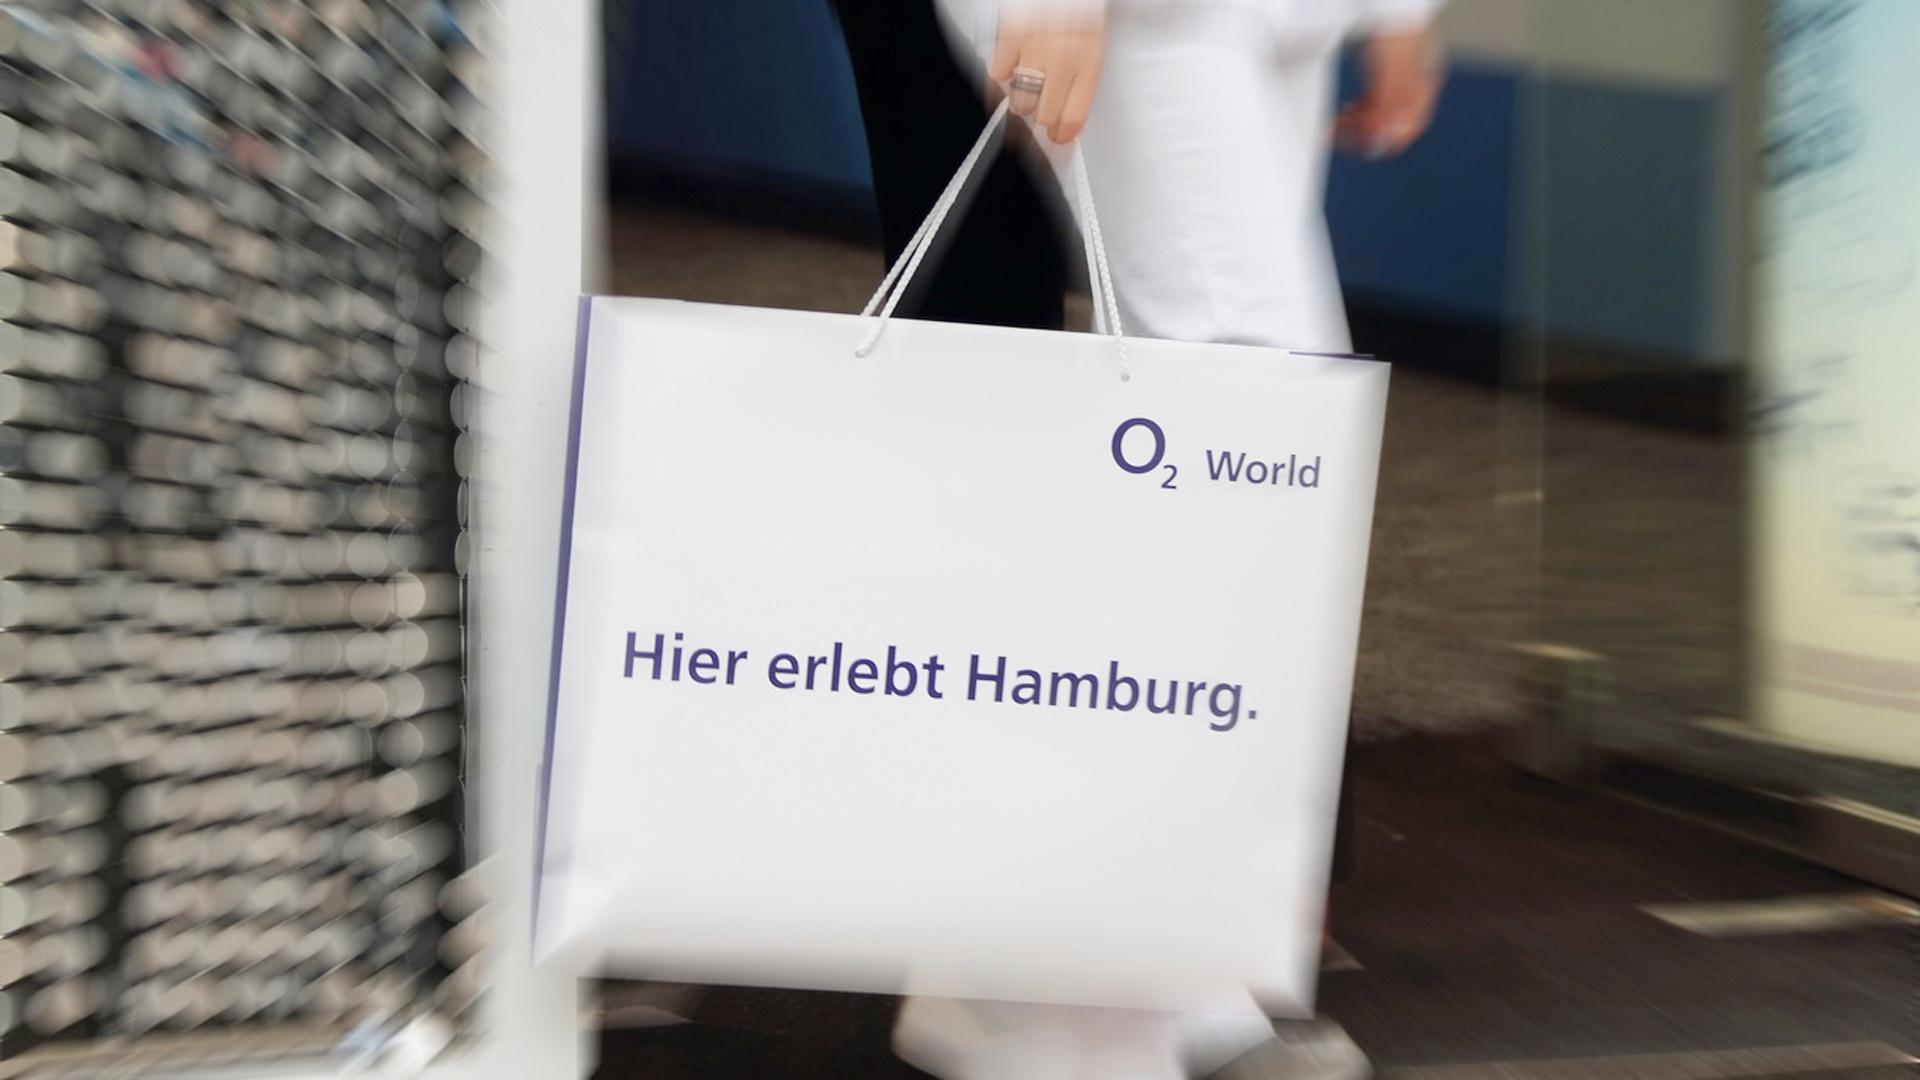 Promotion o2 World Hamburg